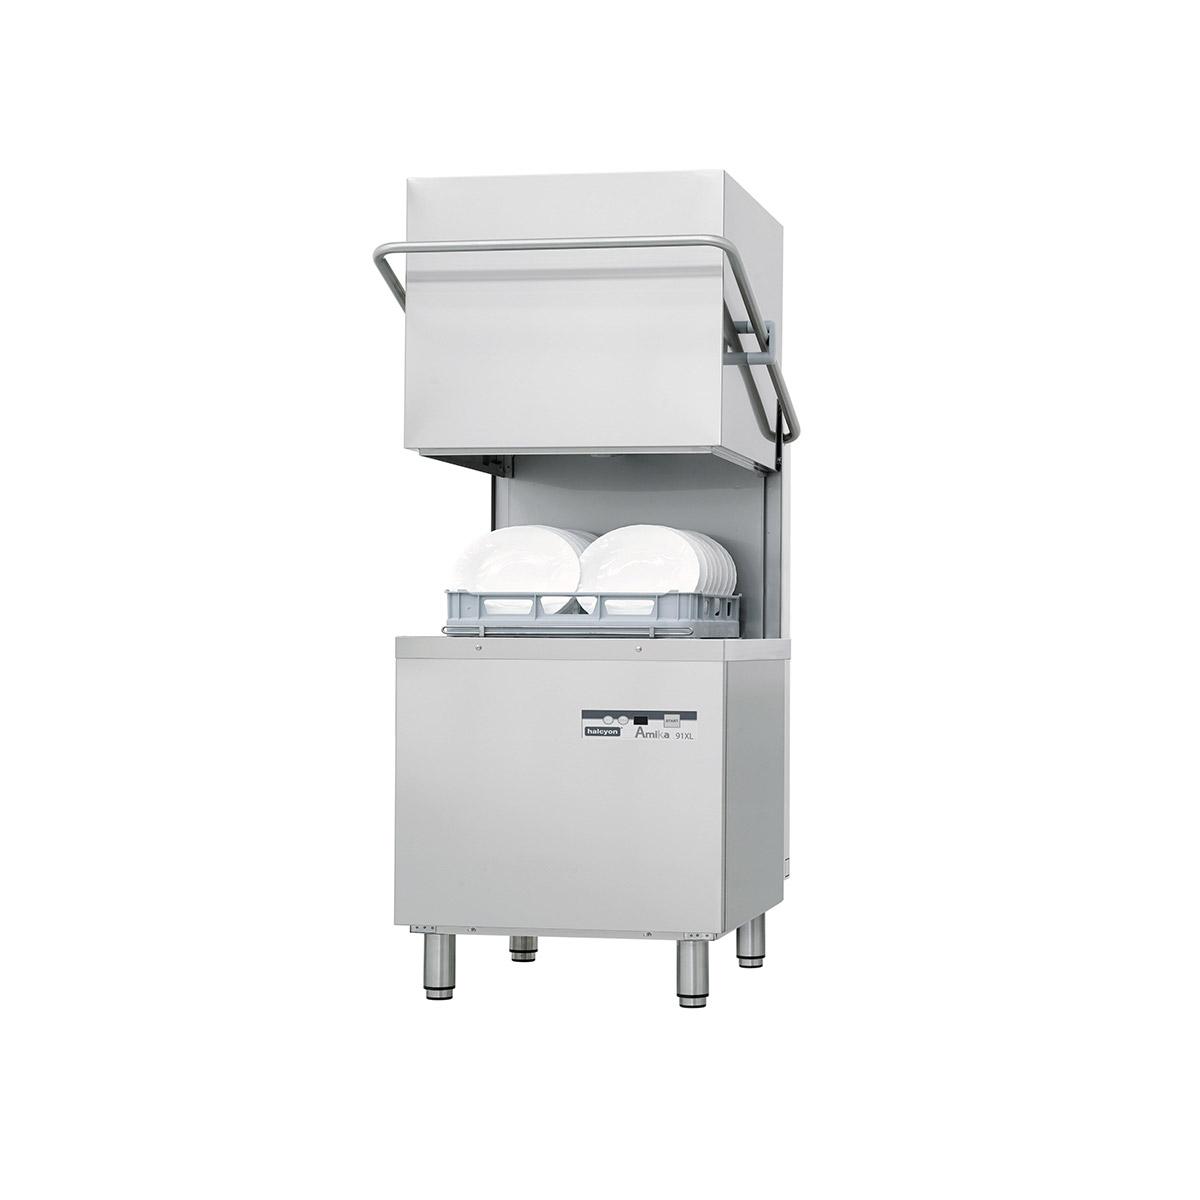 Maidaid Halcyon Amika Passthrough Dishwasher AM91XL